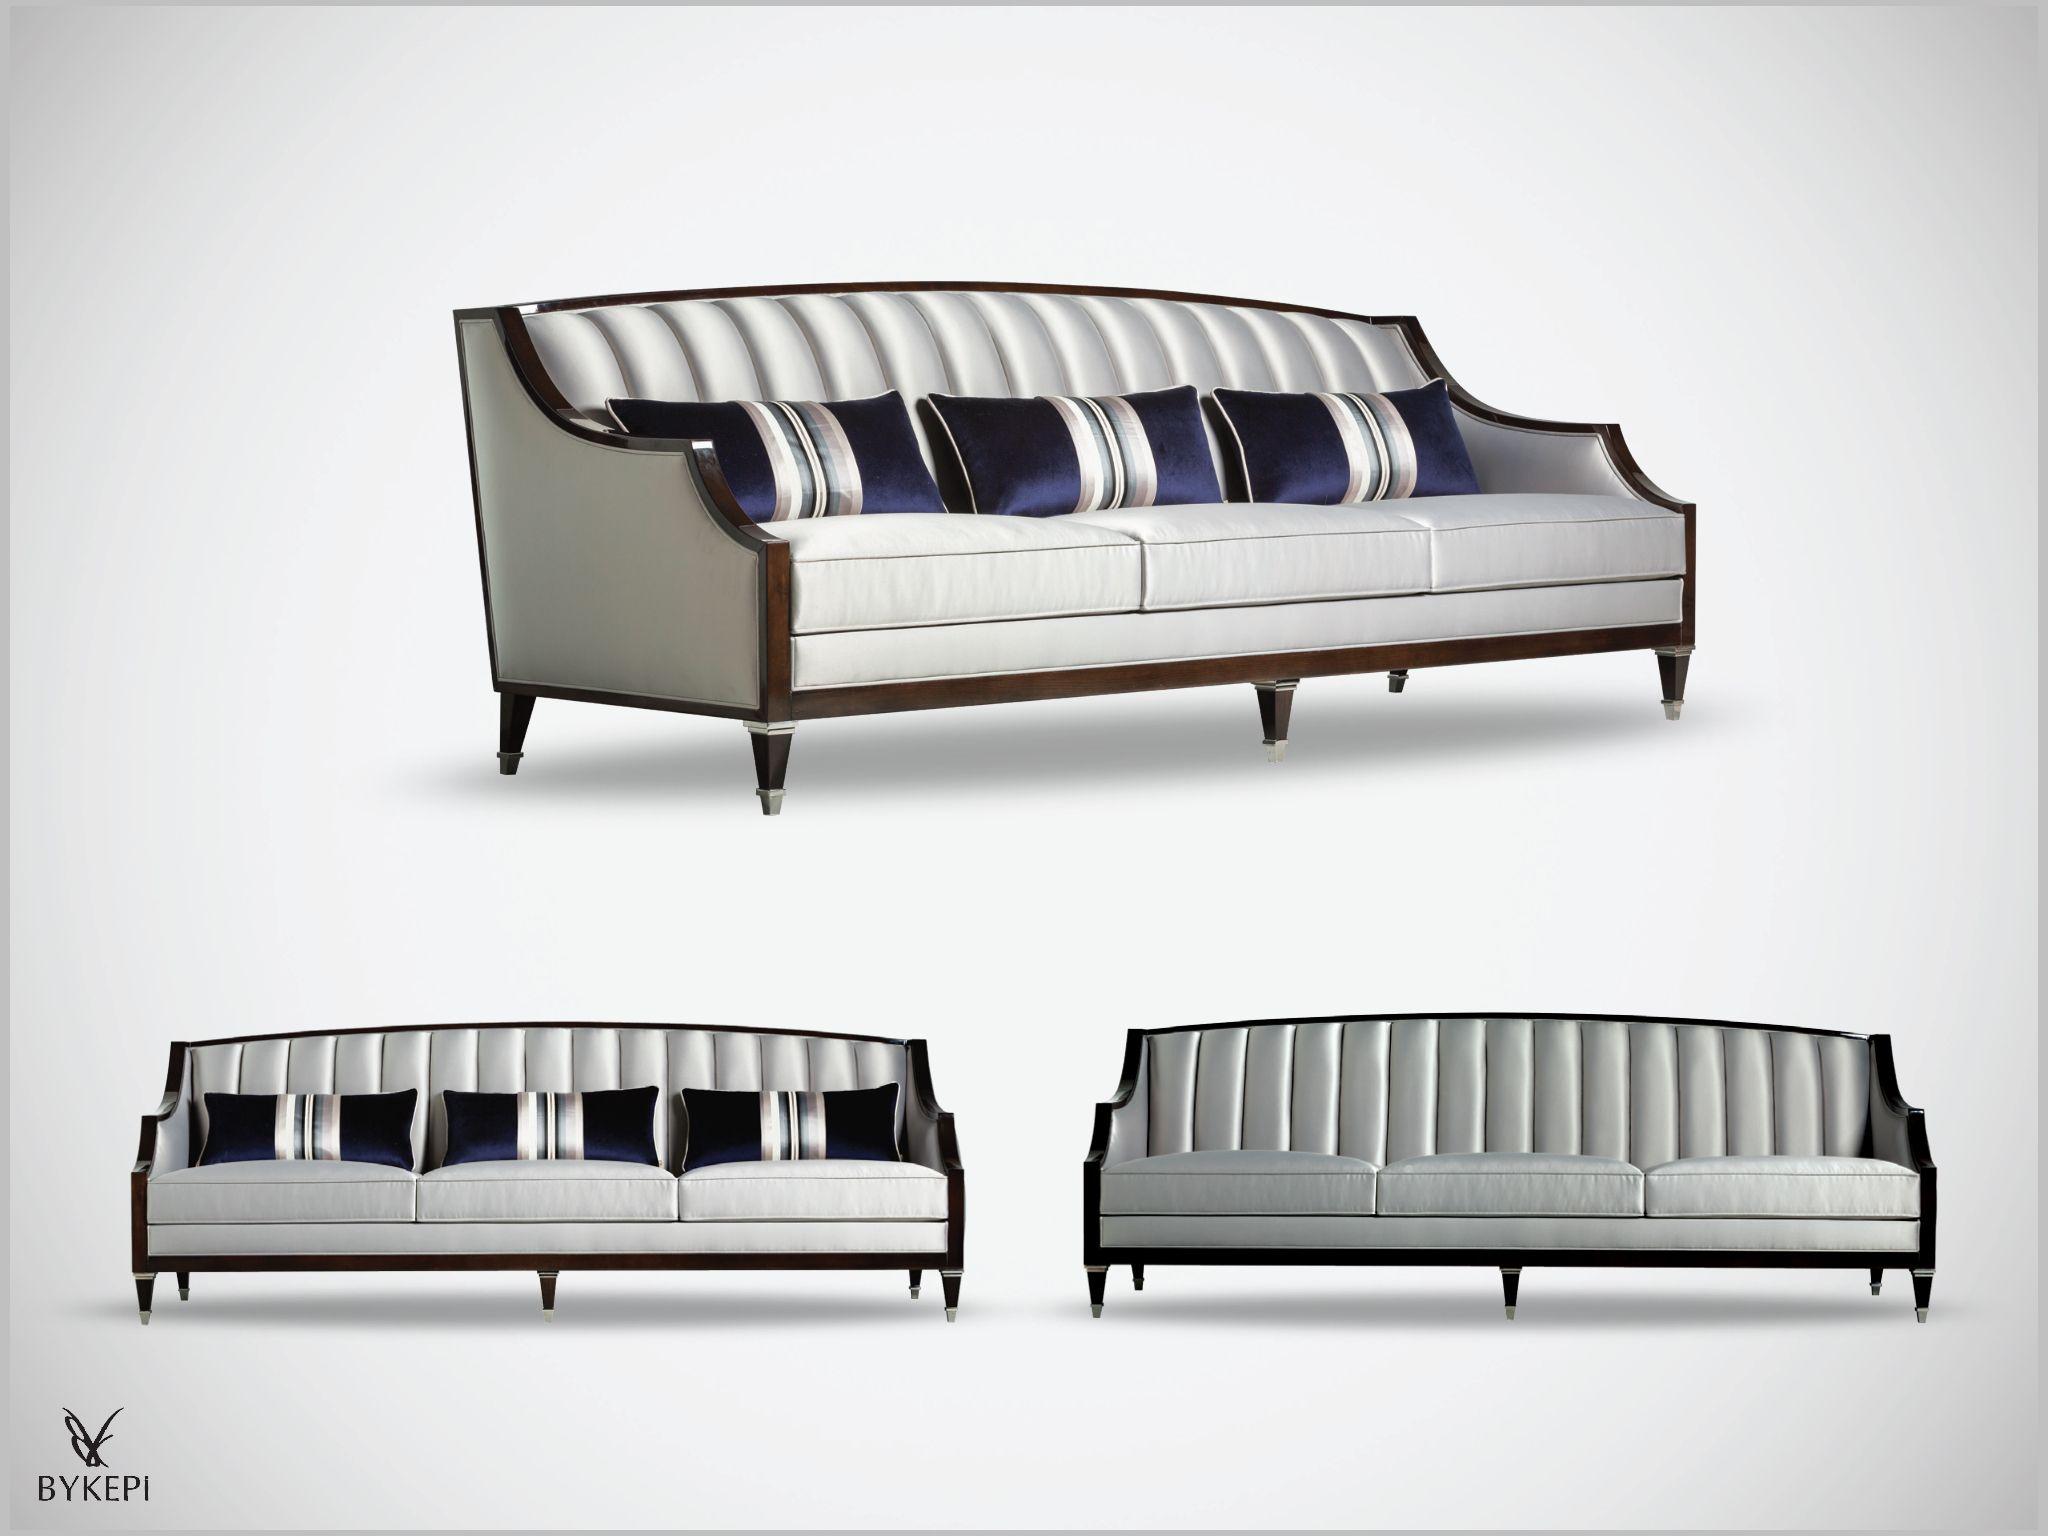 Bykepi Viento Sofas Mobilya Dekor Furniture